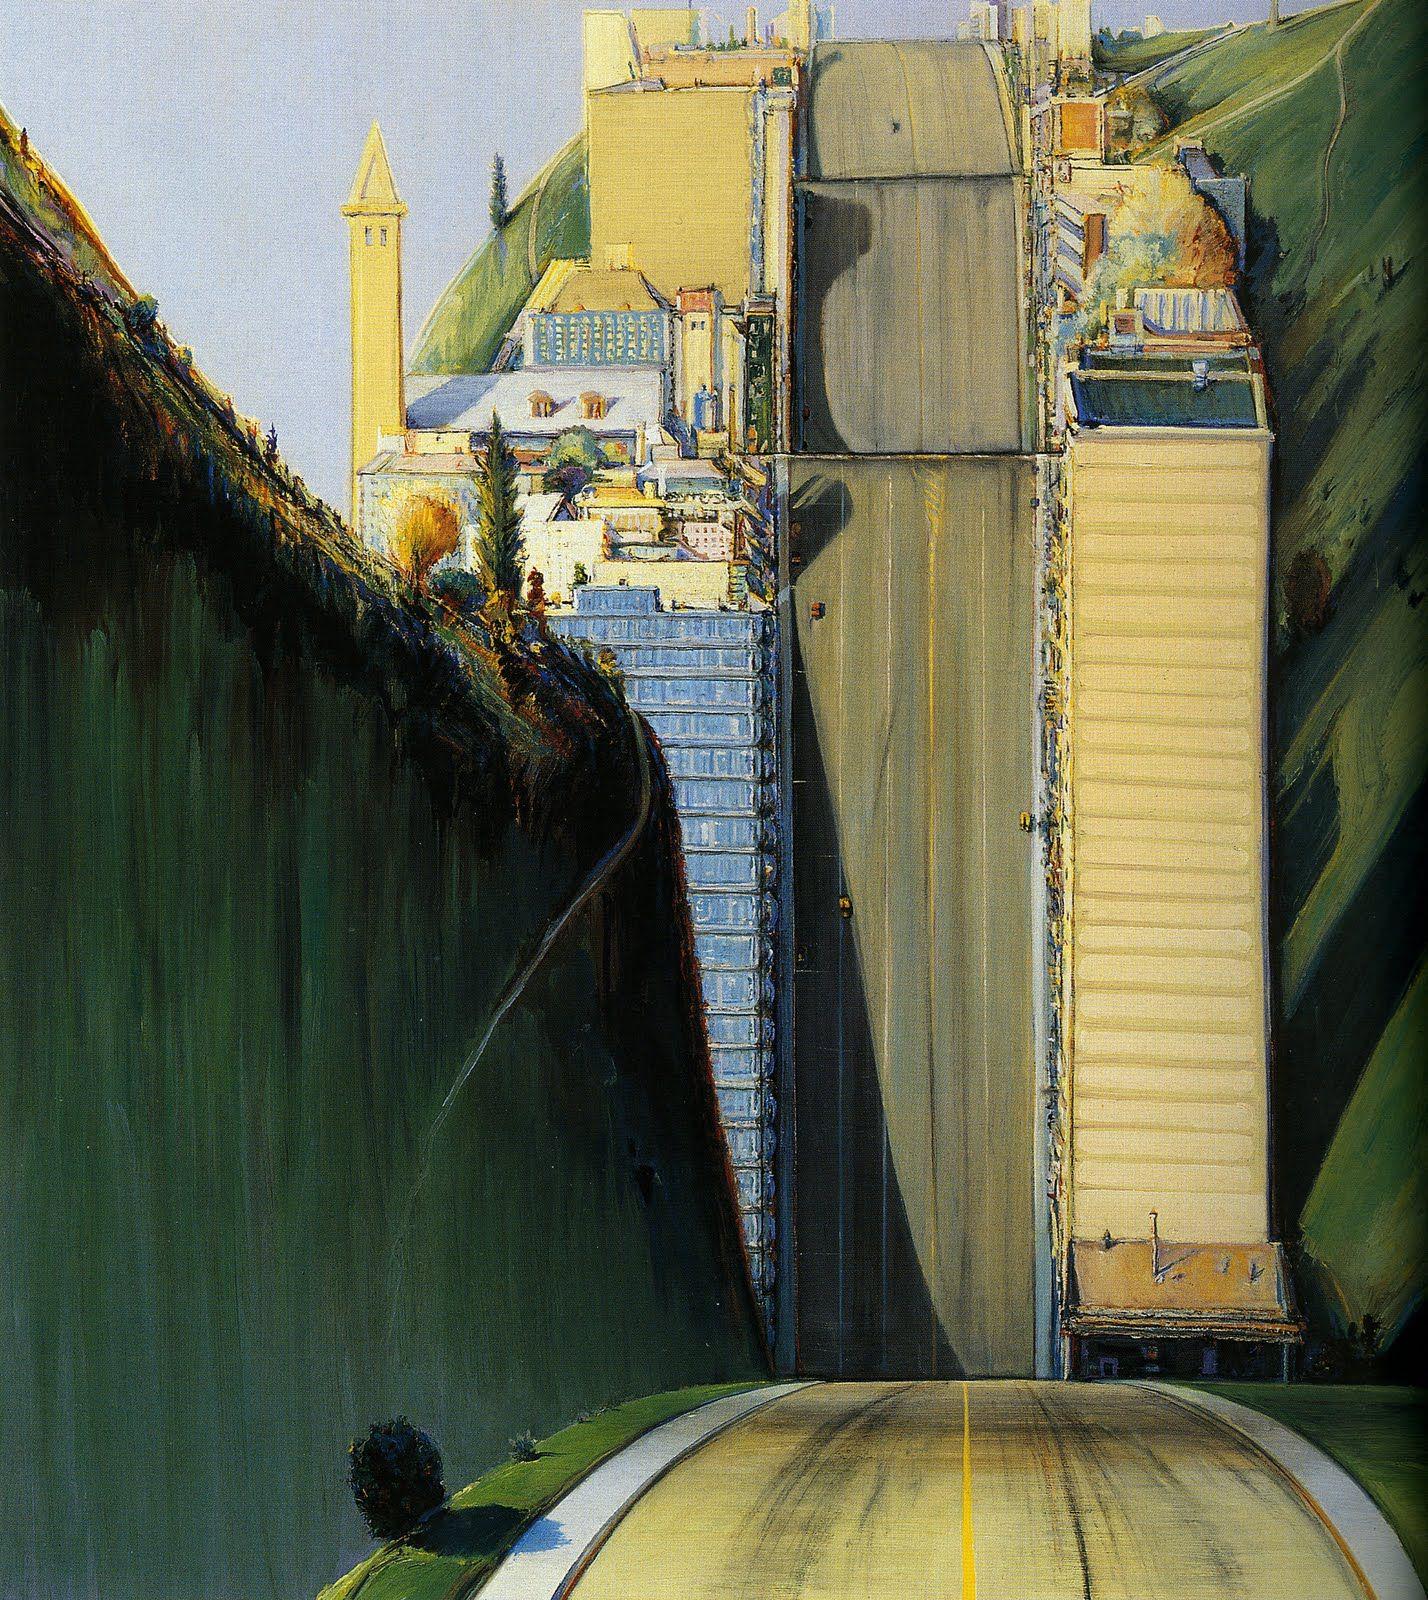 Wayne Thiebaud. Deyoung Museum In San Francisco. Artists Paintings Sculptures Drawings